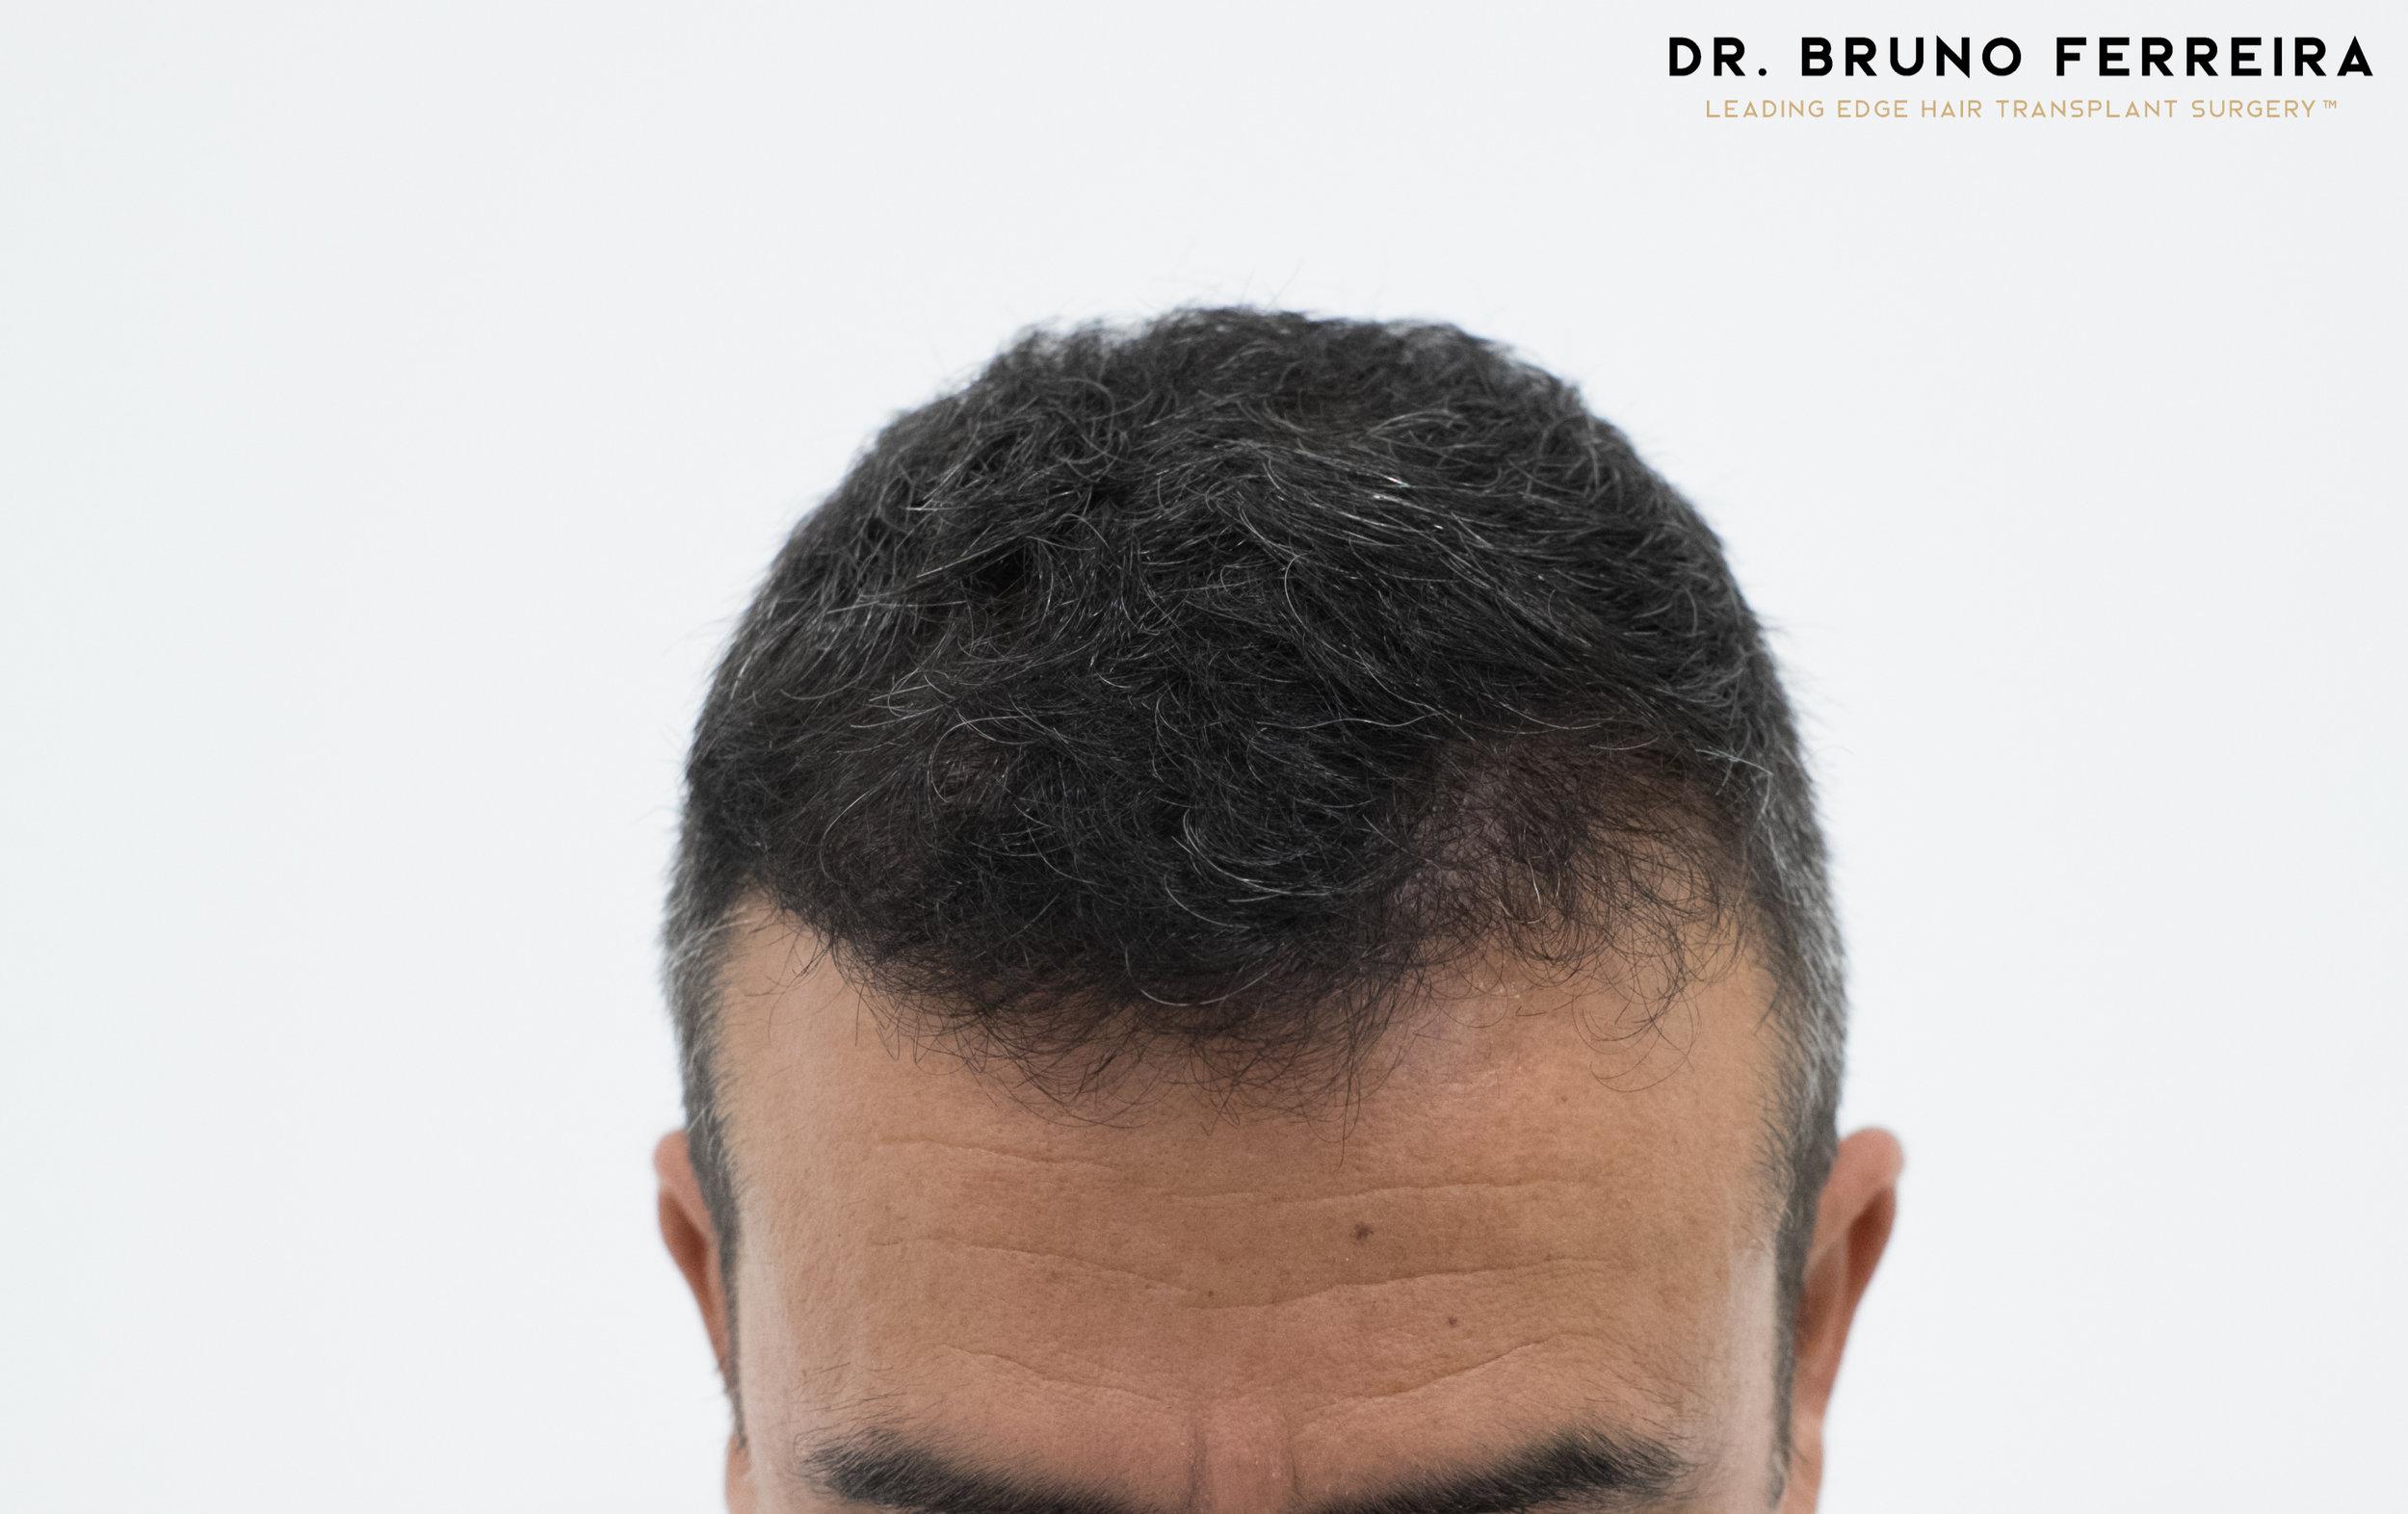 00019 DR. BRUNO FERREIRA (Case 1) - 8 months - 4.jpg